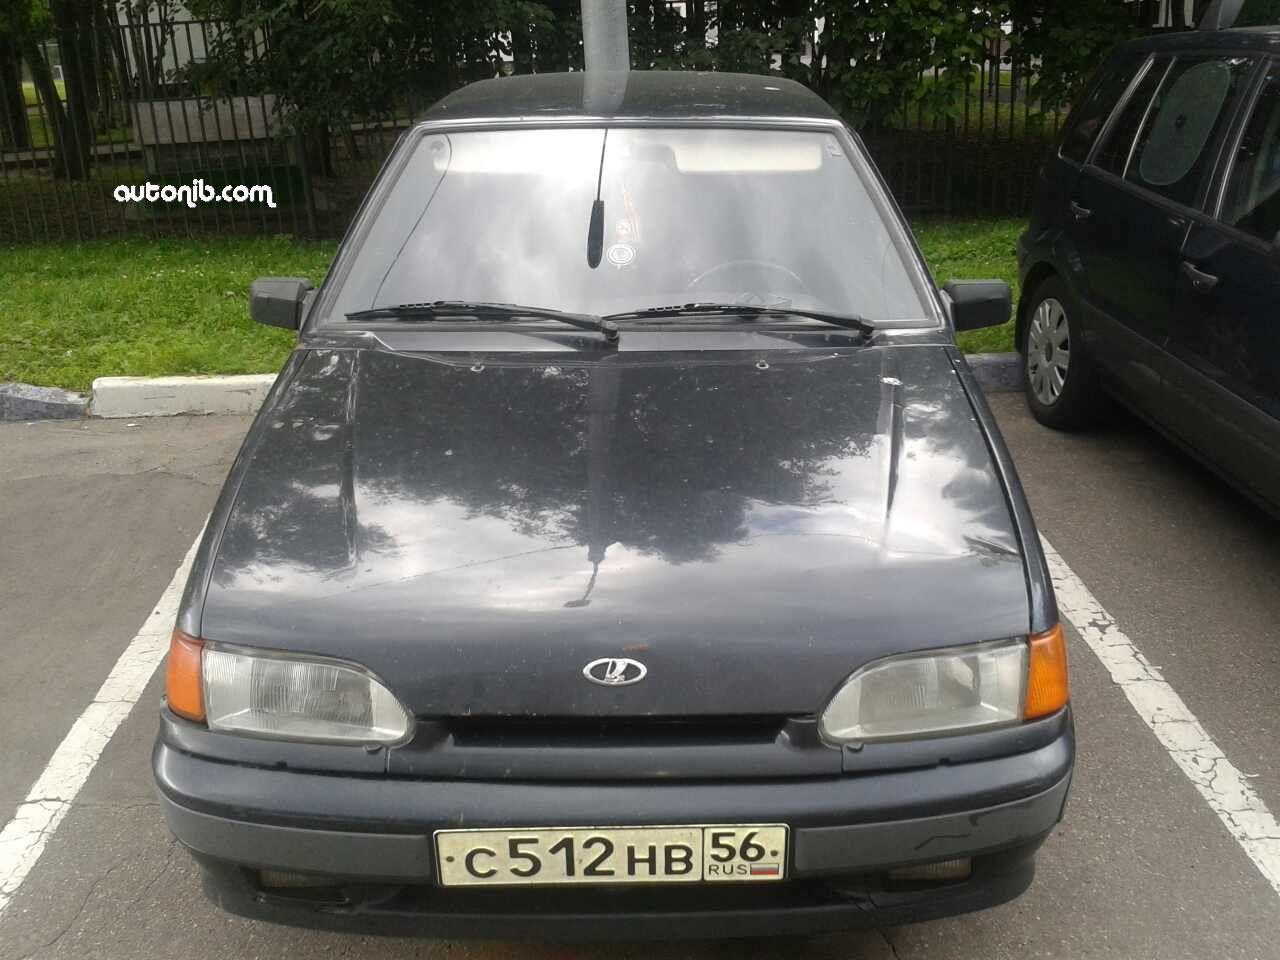 Купить ВАЗ 2115 2005 года в городе Красногорск